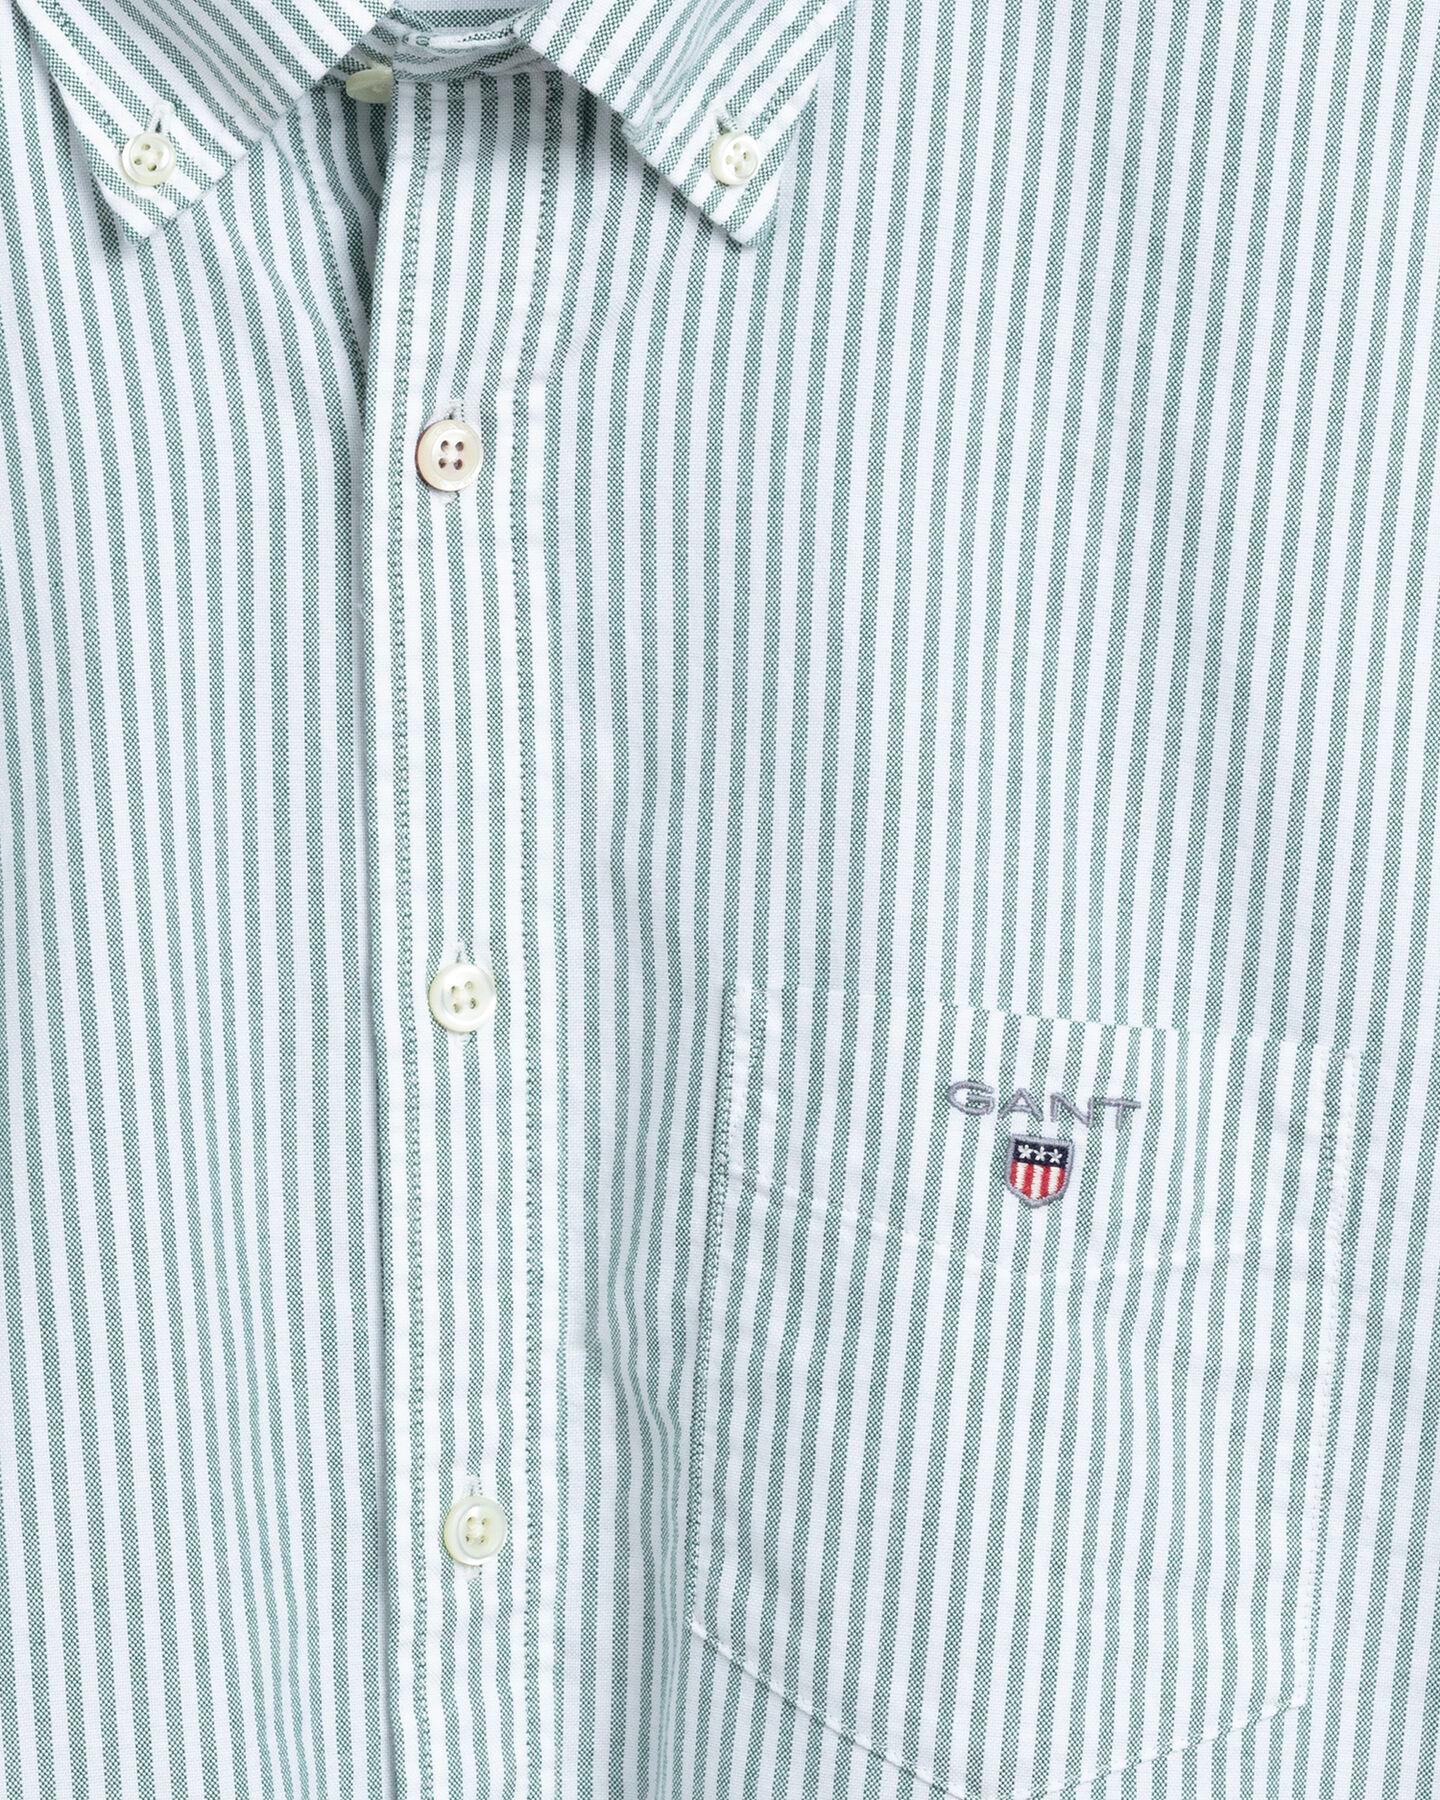 Regular Fit Oxford-Hemd mit Banker-Streifen